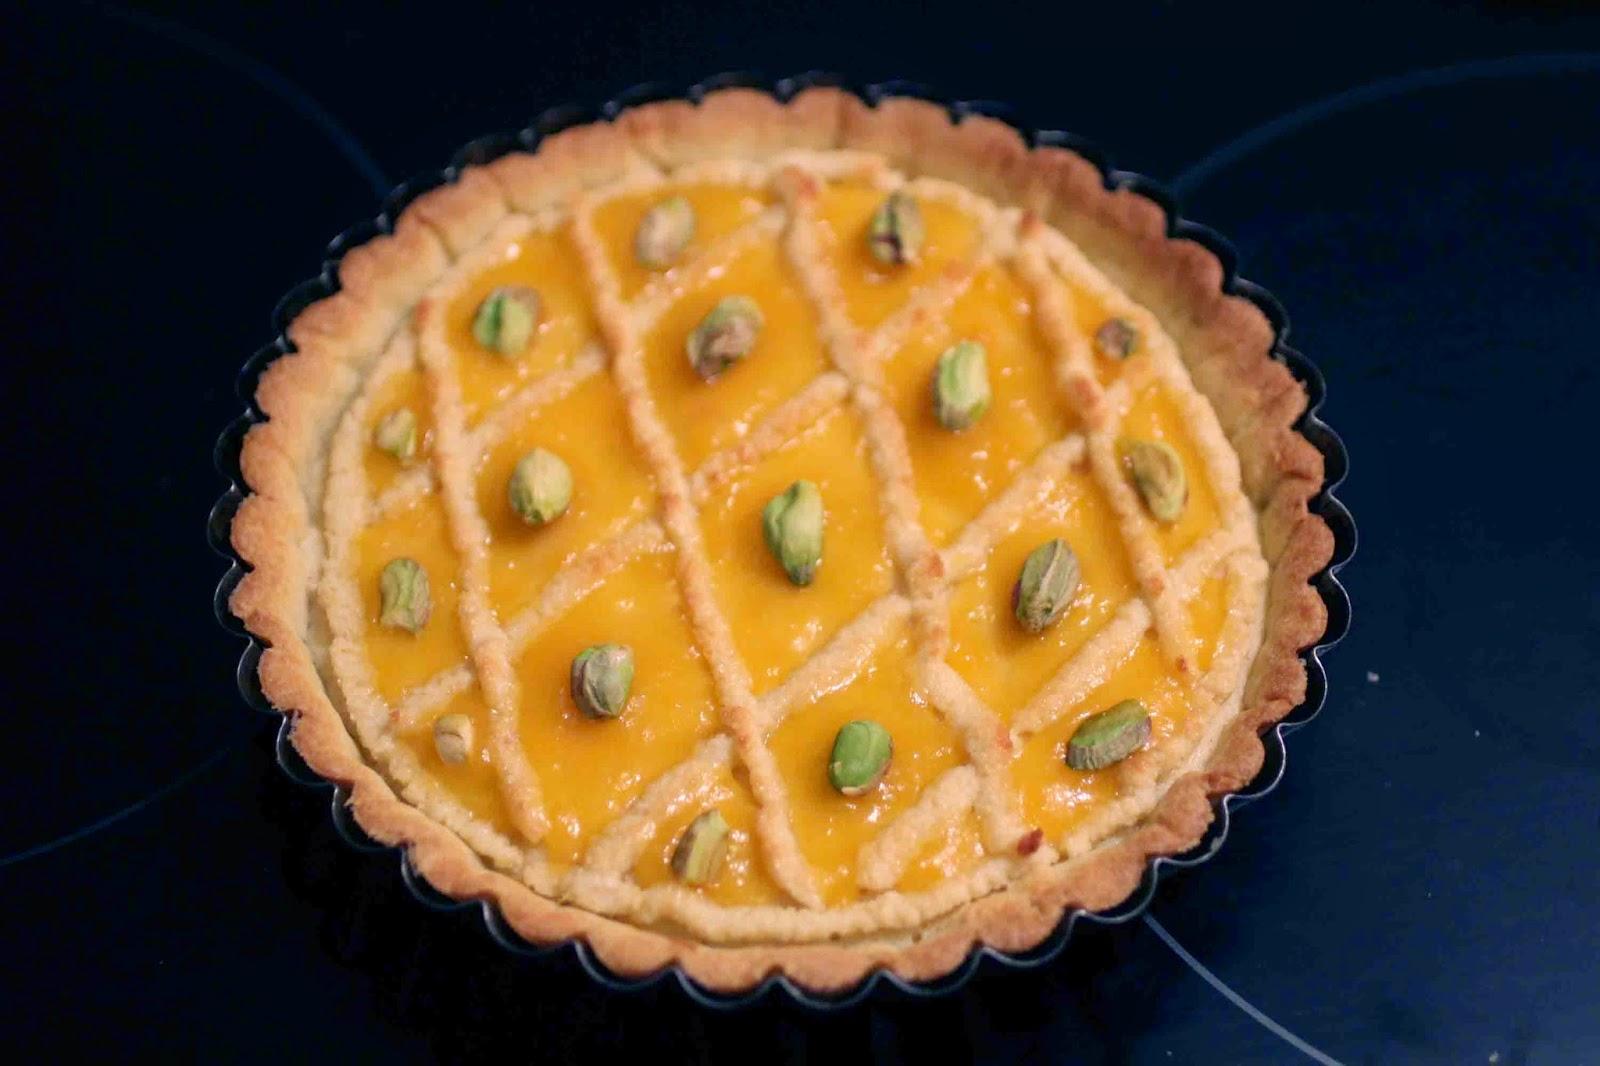 http://camilleenchocolat.blogspot.fr/2014/11/tarte-alcazar.html